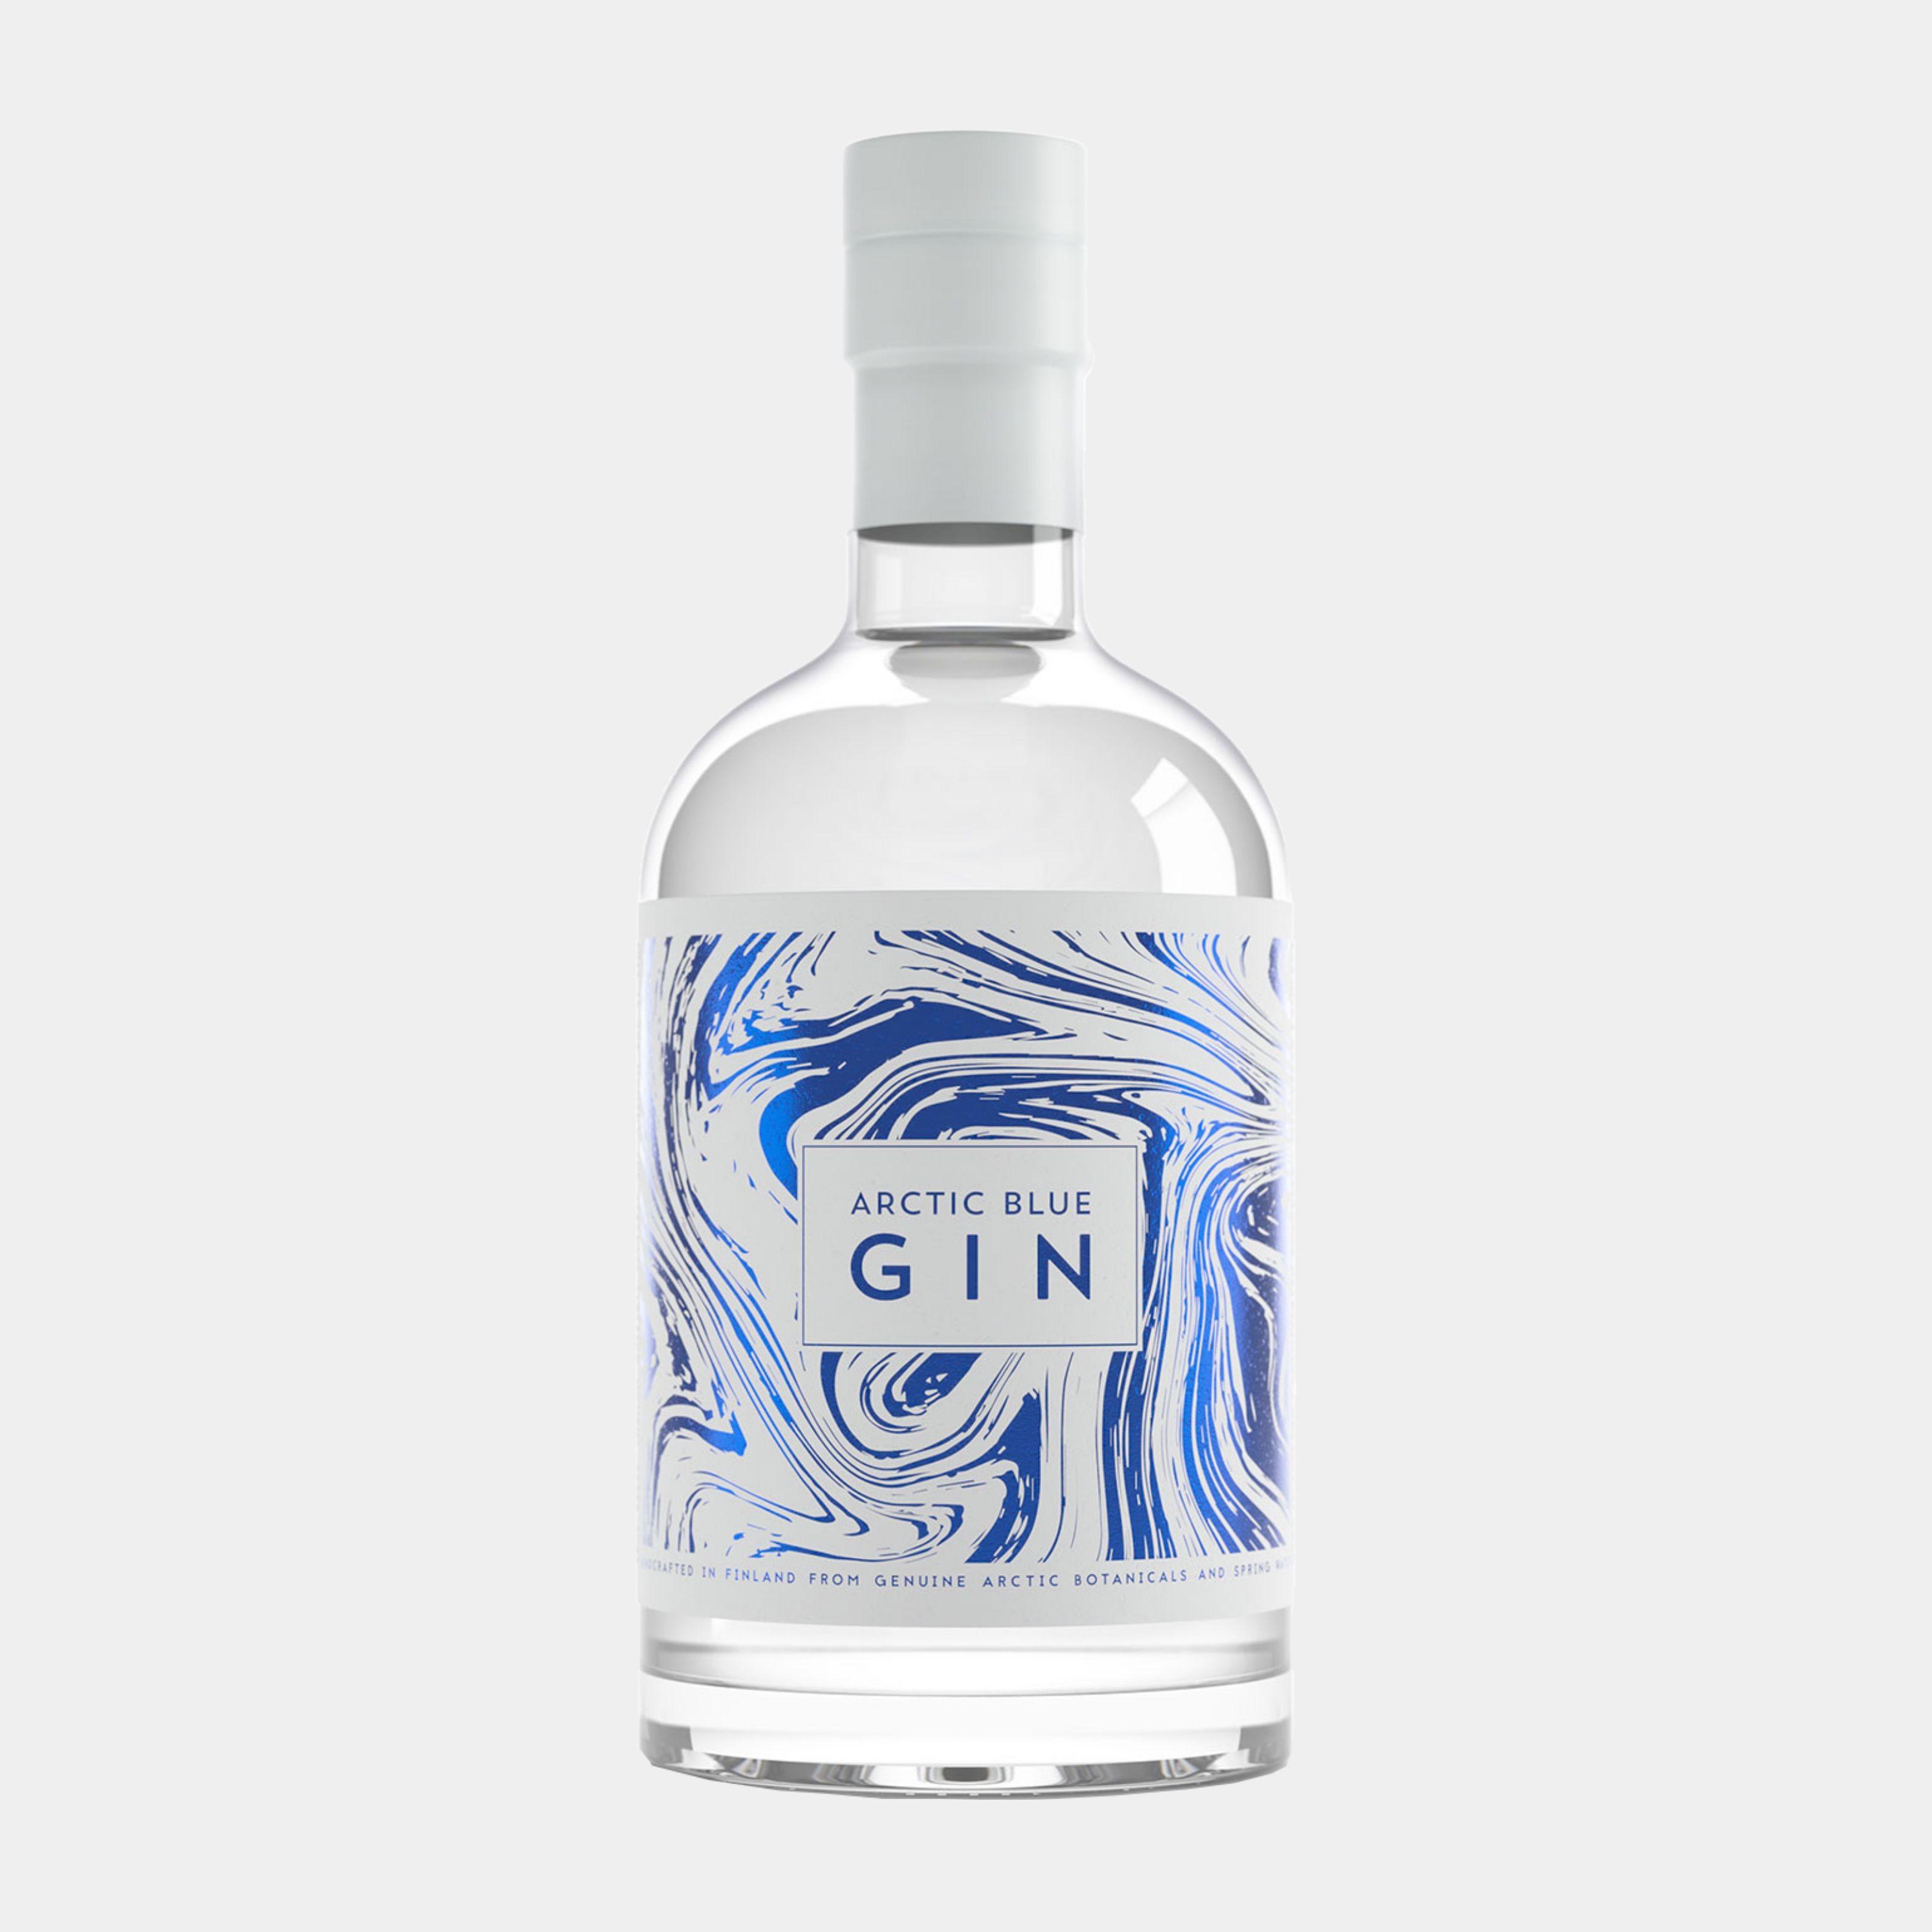 Arctic Blue Gin 0.5l 46.2% Alk.